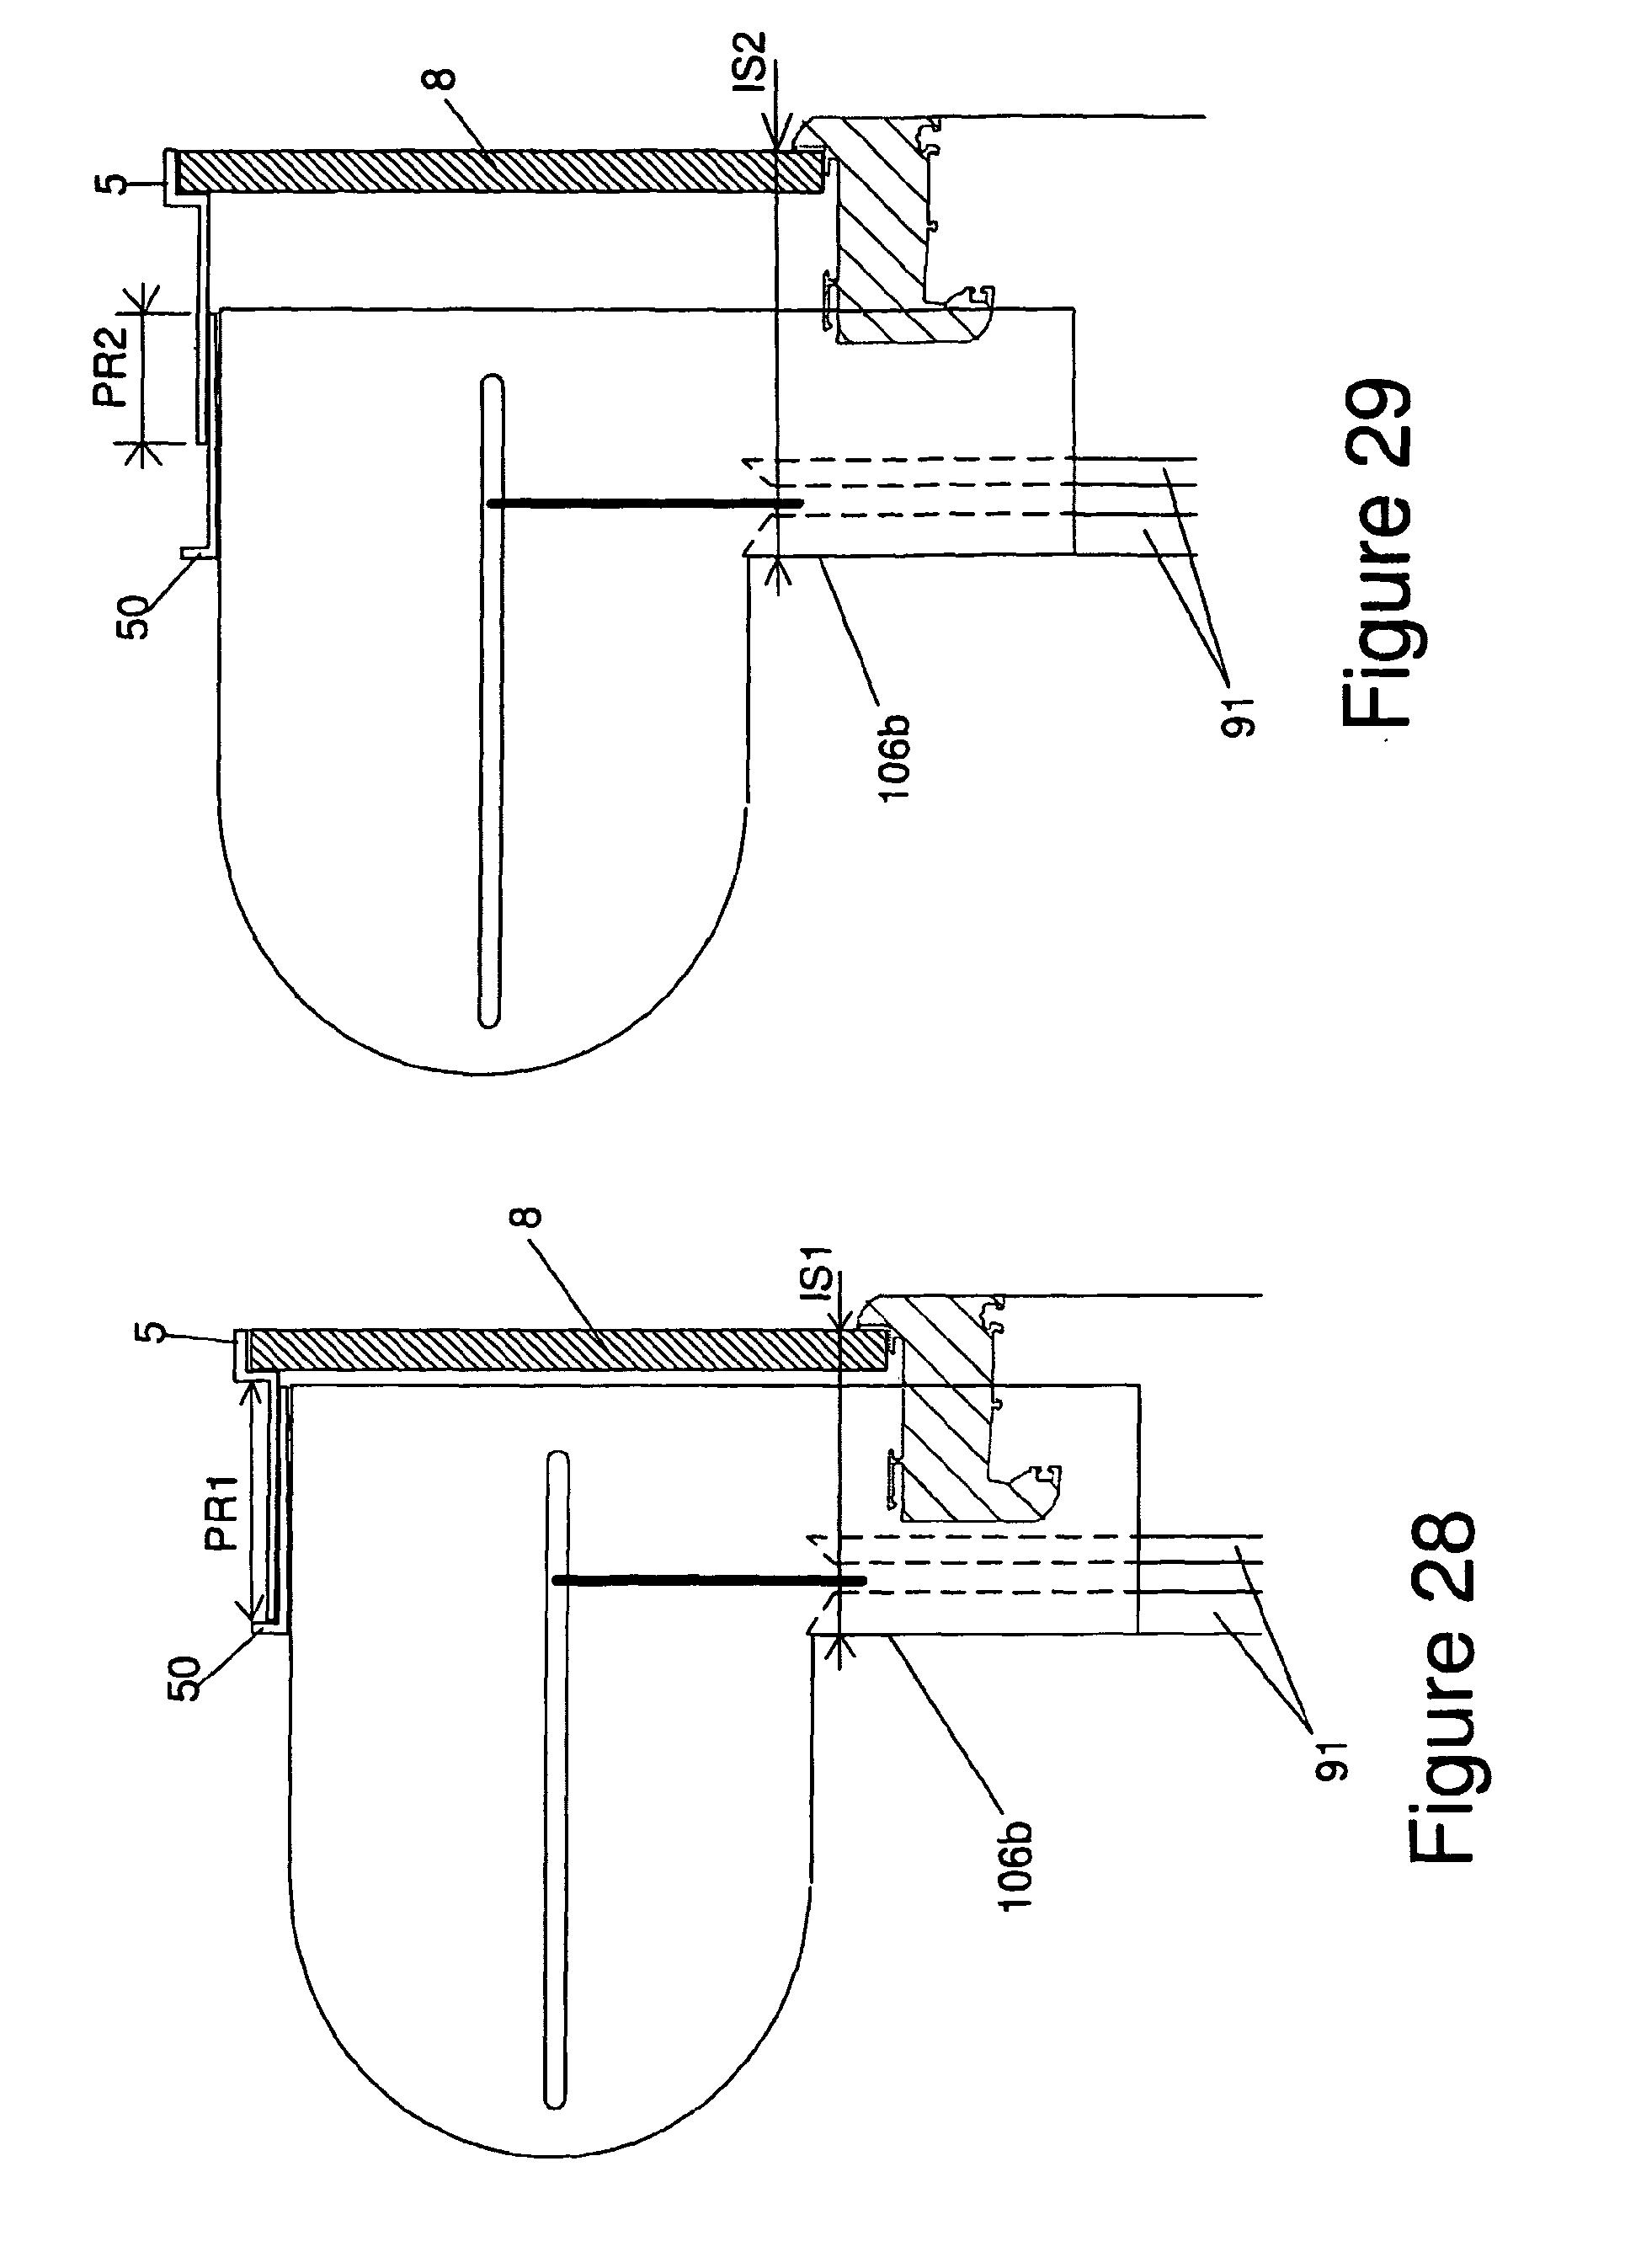 Patent ep1741872b1 syst me de volet roulant encastrable et non apparent g - Volet roulant encastrable ...